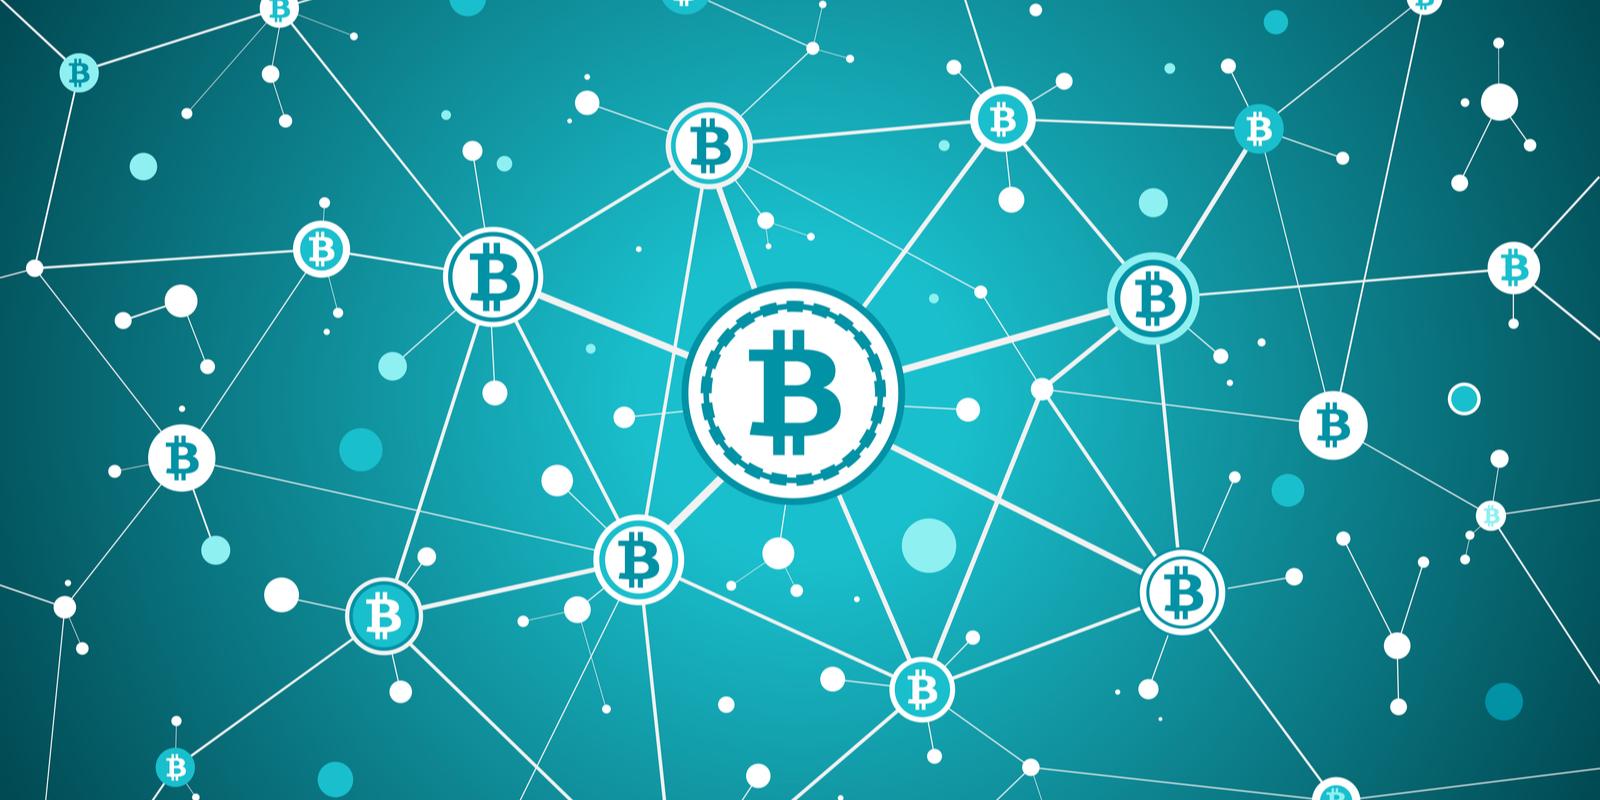 affrontare 7 miti su bitcoin per principianti notizie bitcoin 3 - Le 7 leggende più assurde sul Bitcoin a cui non devi credere